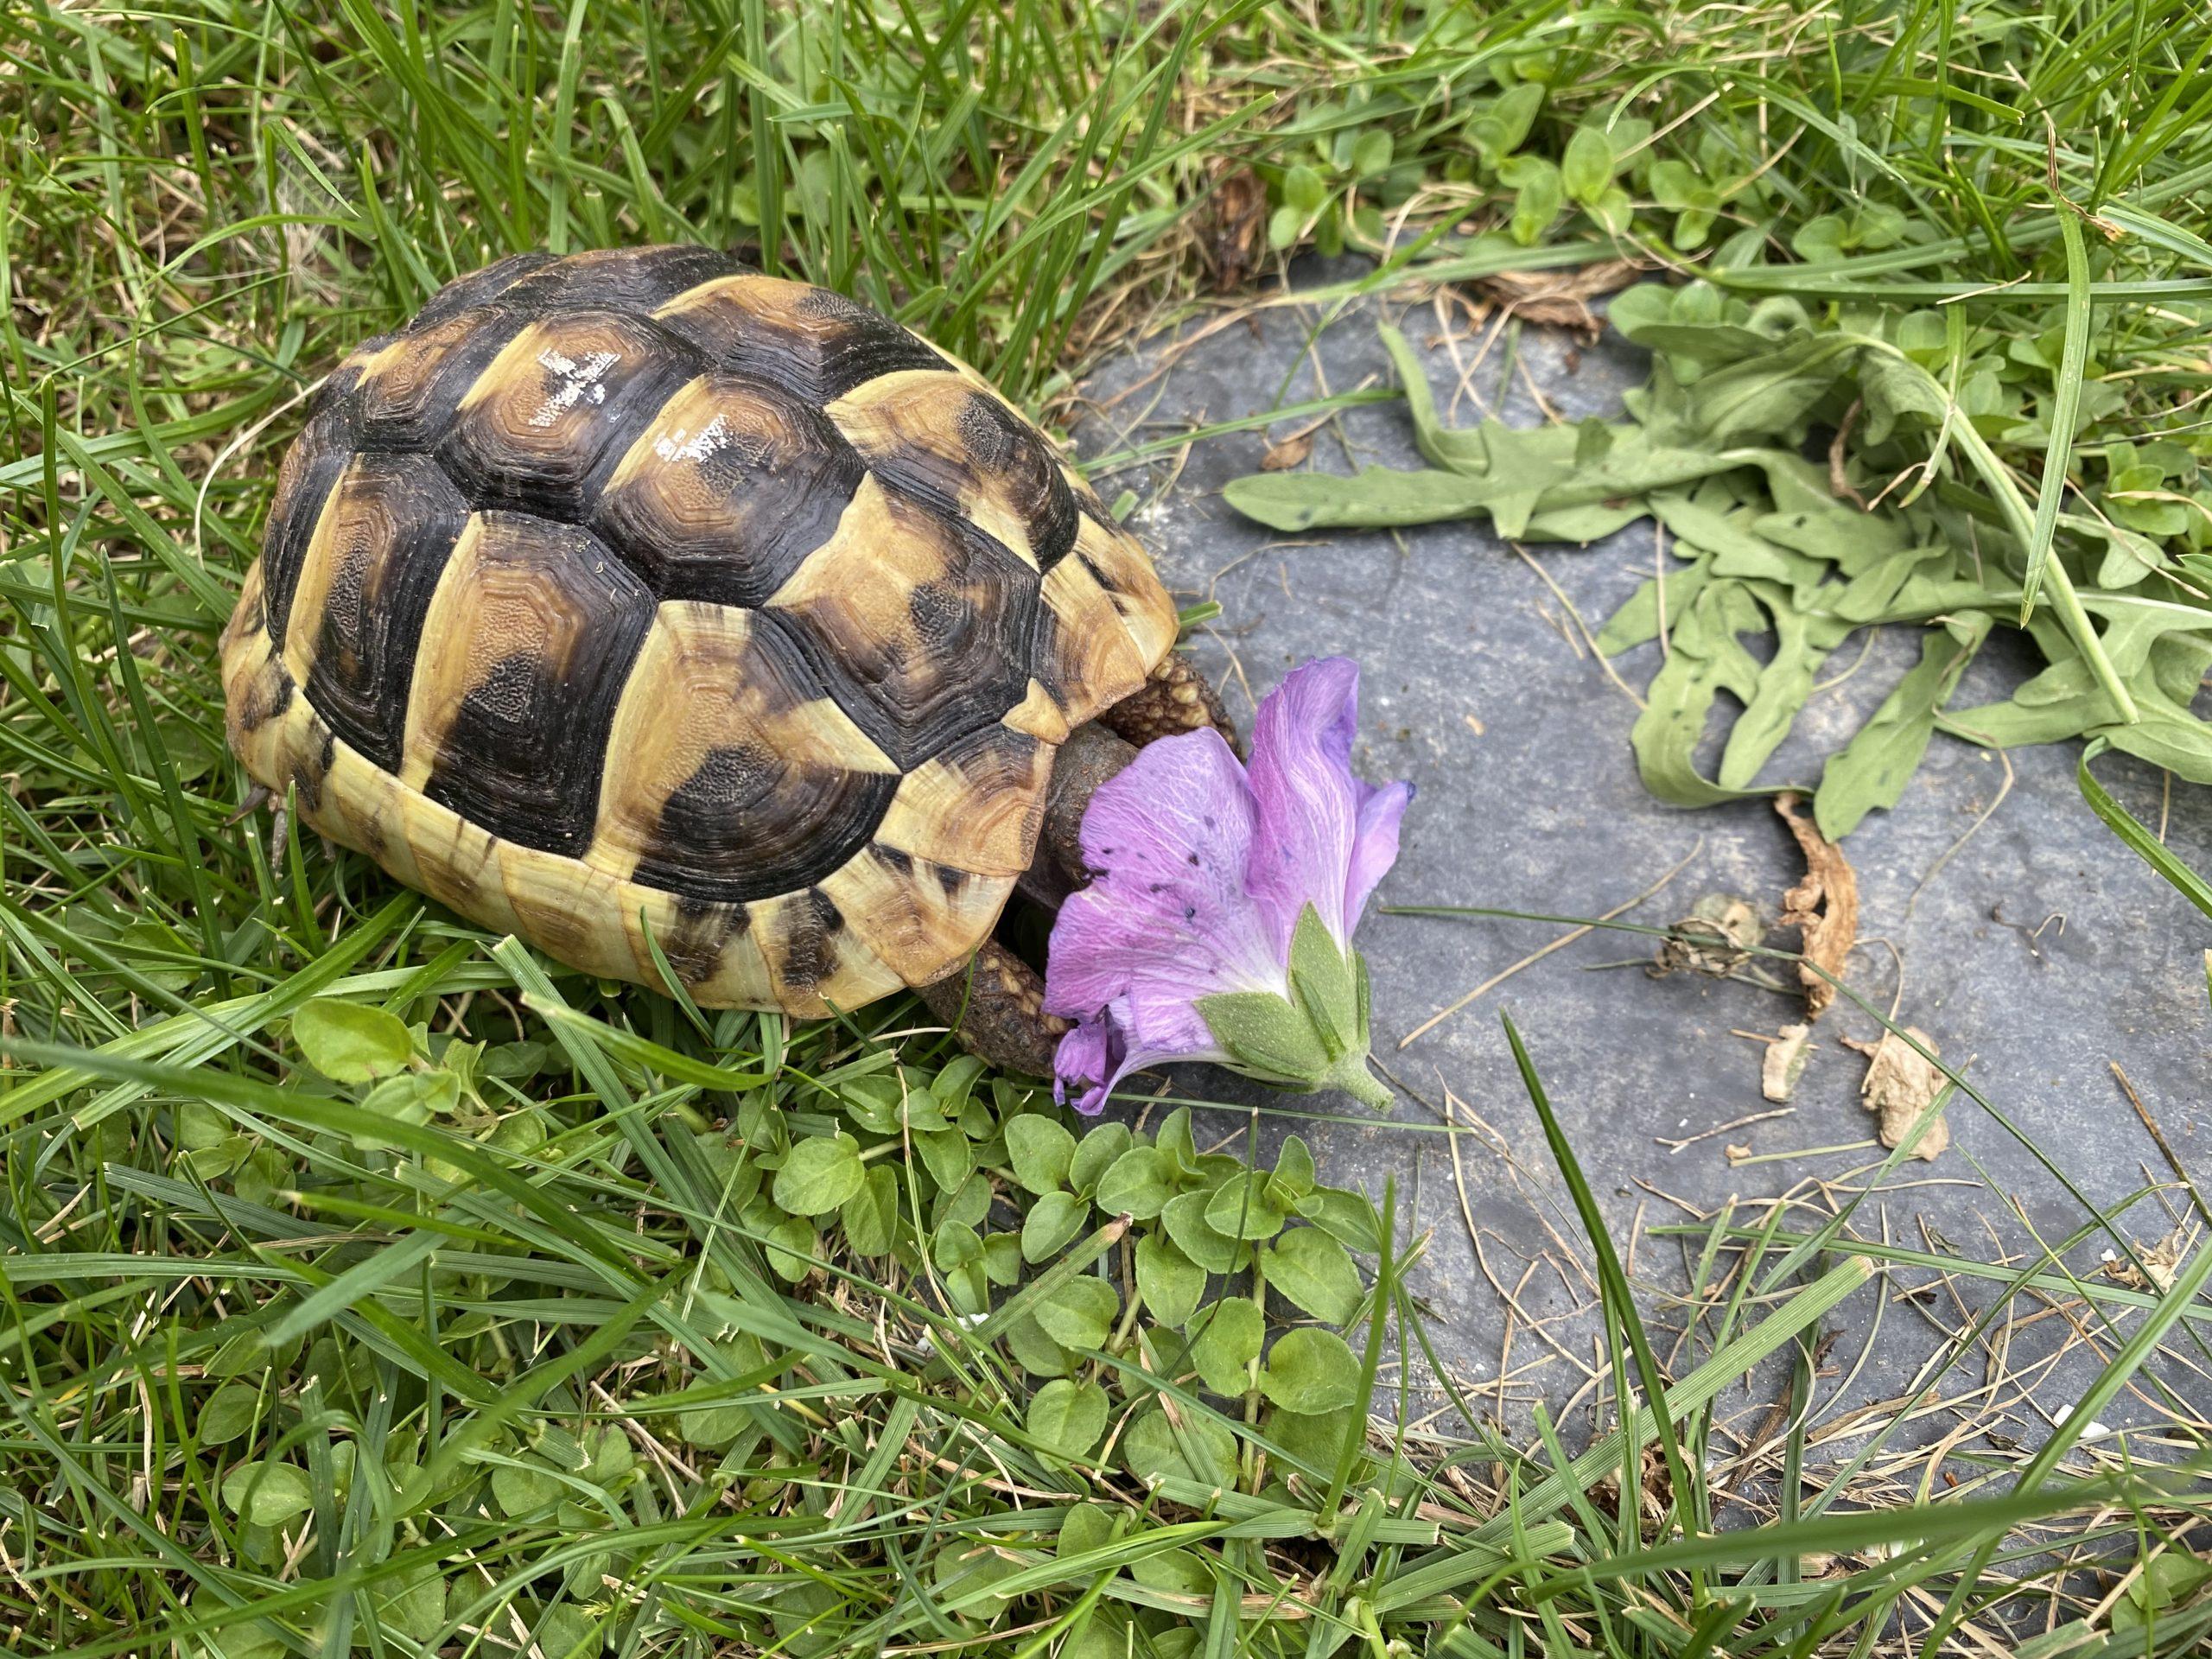 Griechische Babylandschildkröte versinkt in der Hibiskus Blüte